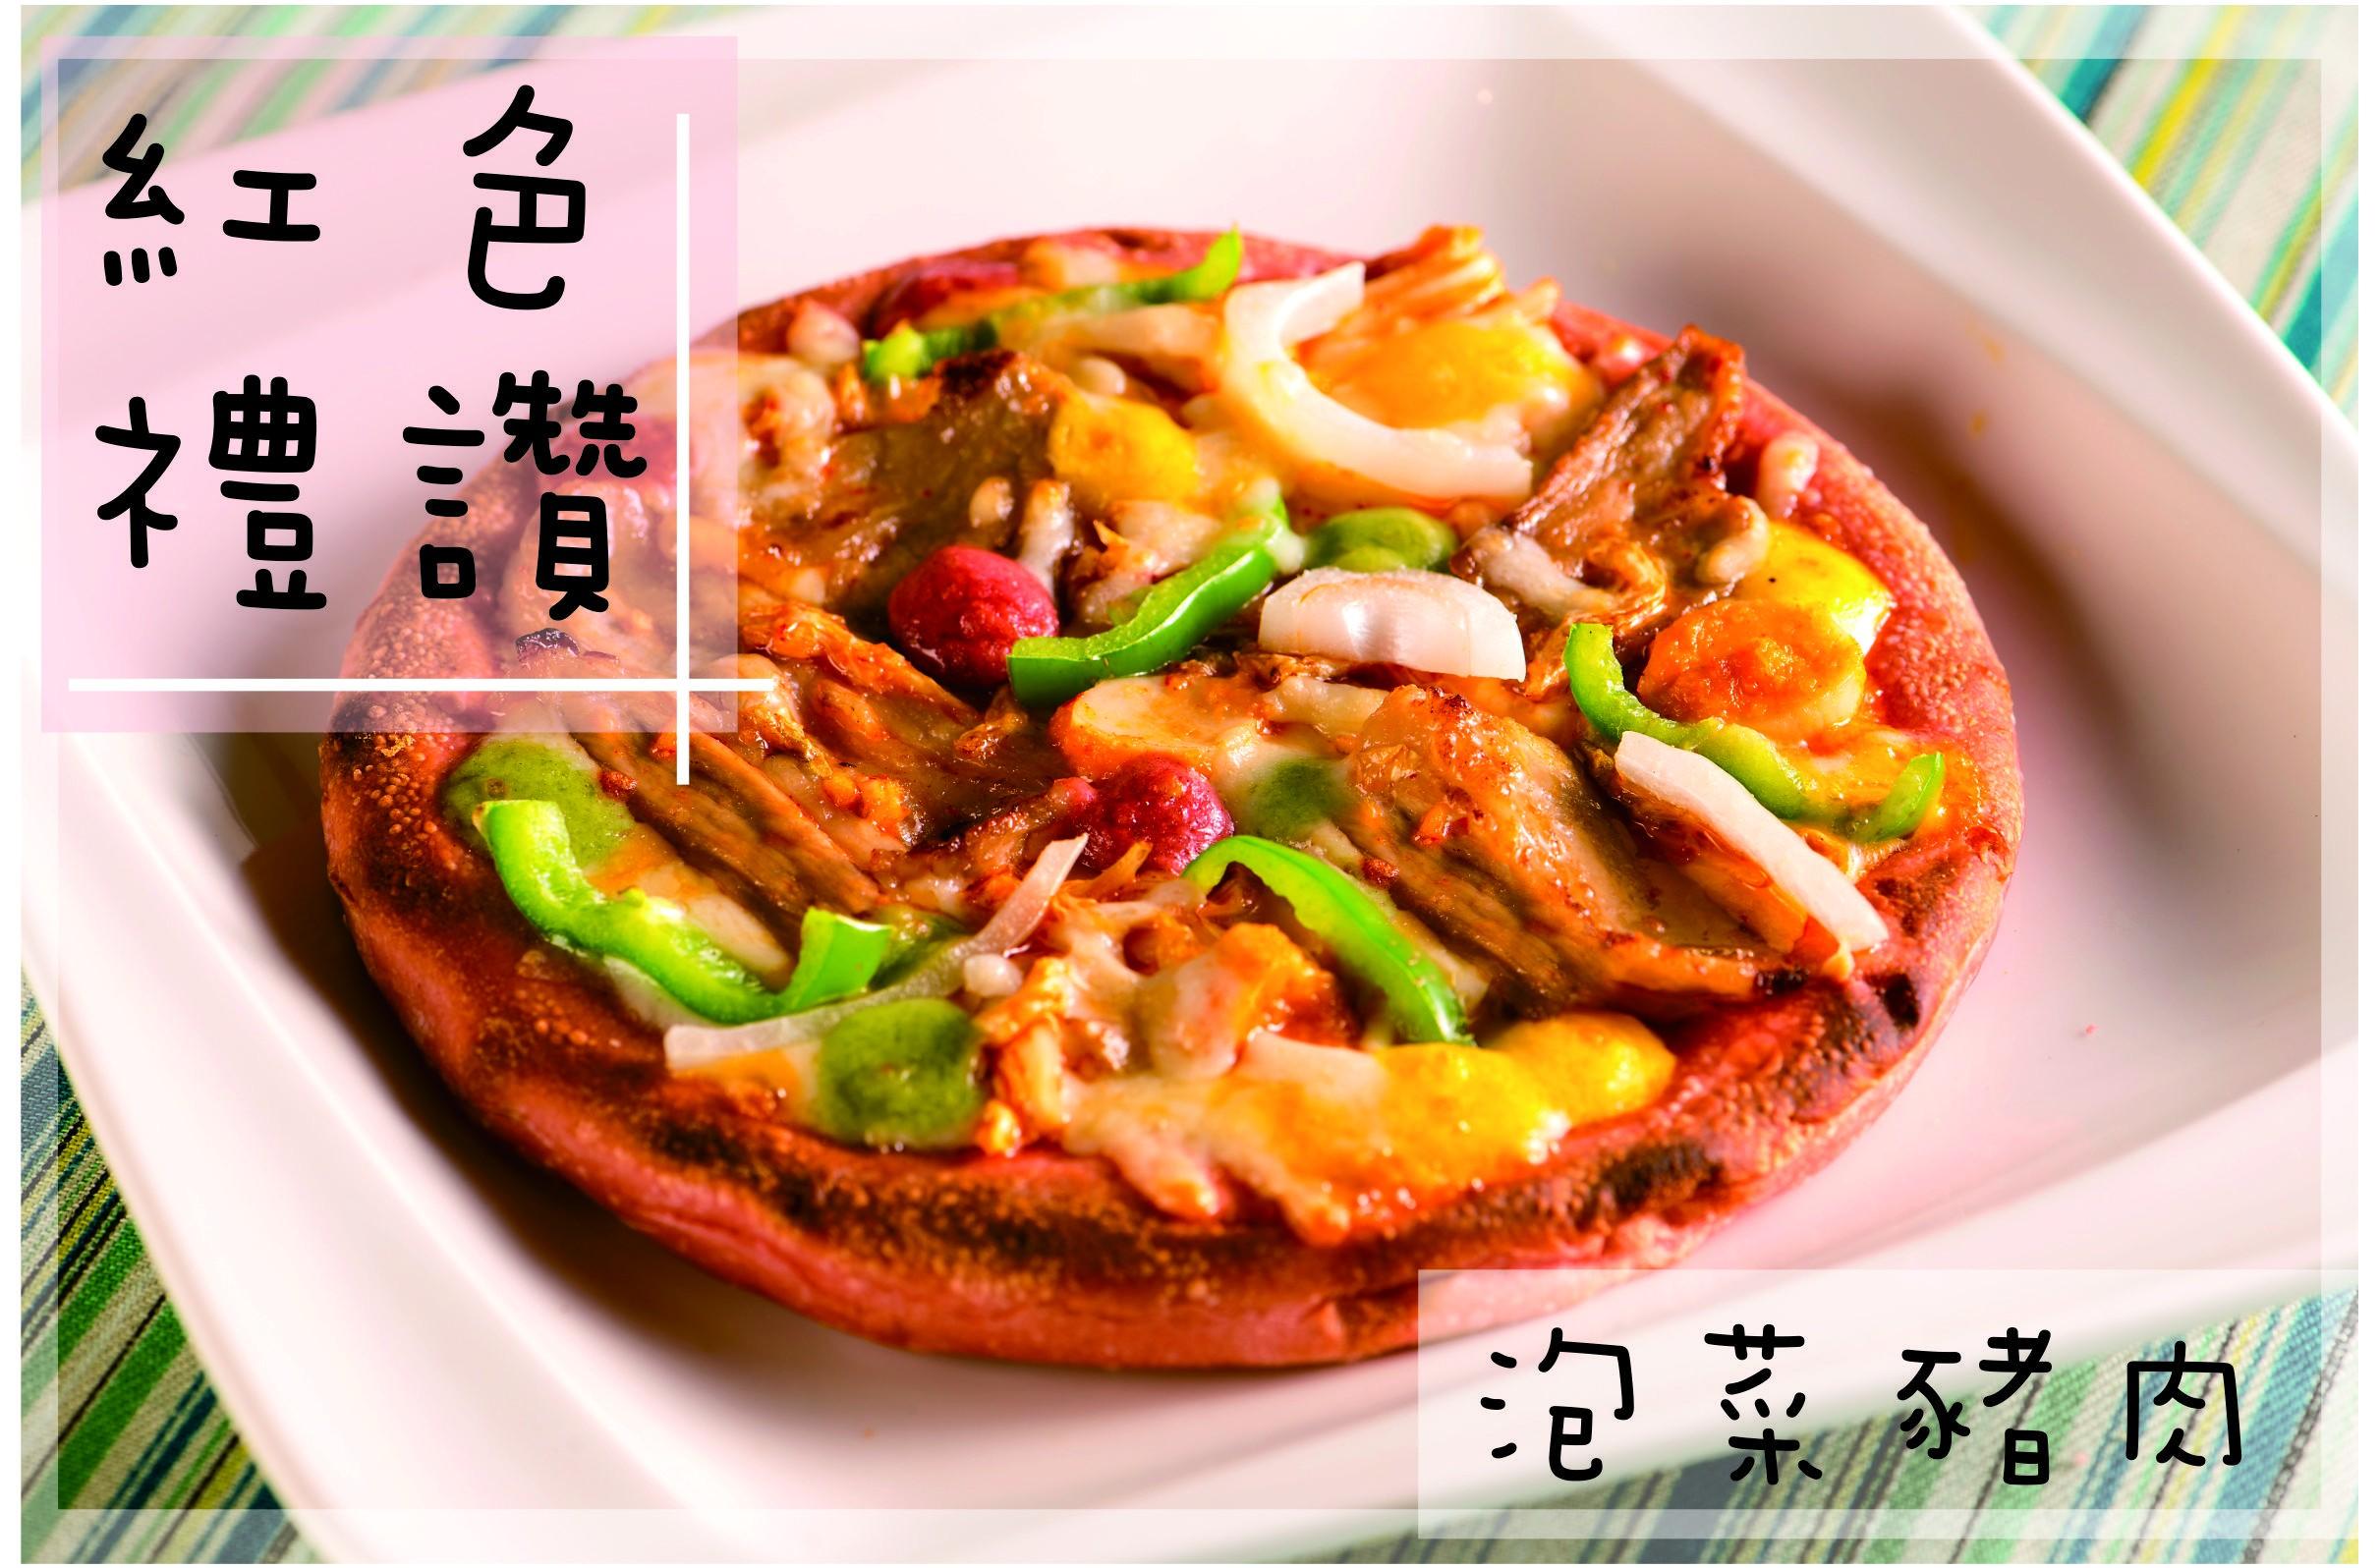 6.5吋彩色Pizza - 紅色禮讚(泡菜豬肉--微酸微甜微辣)